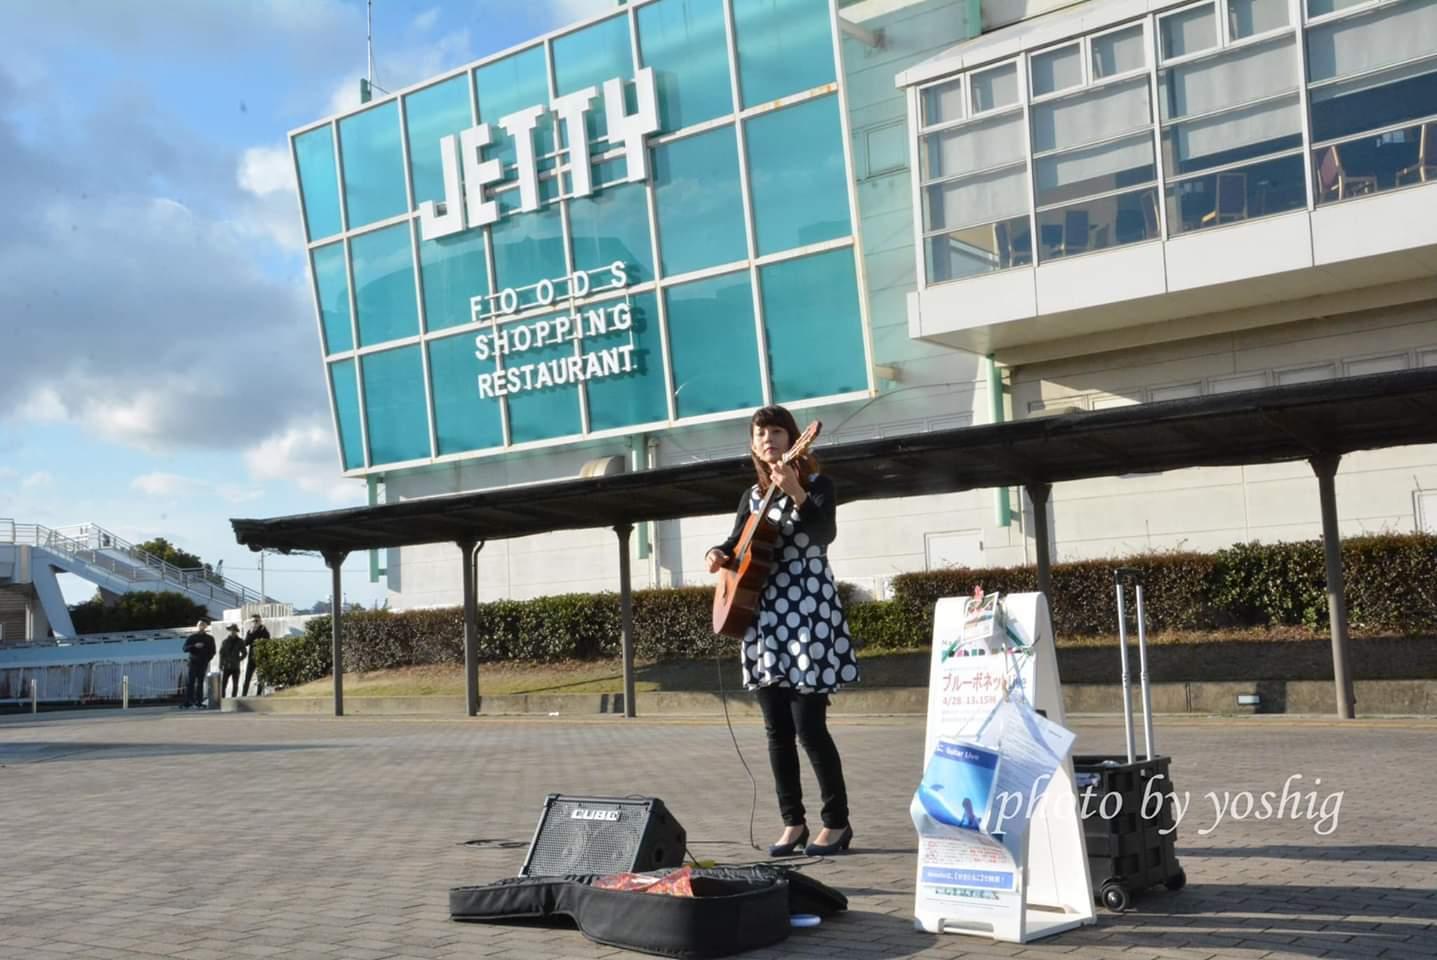 ジェティ広場での演奏、ありがとうございました!_f0373339_02483002.jpg